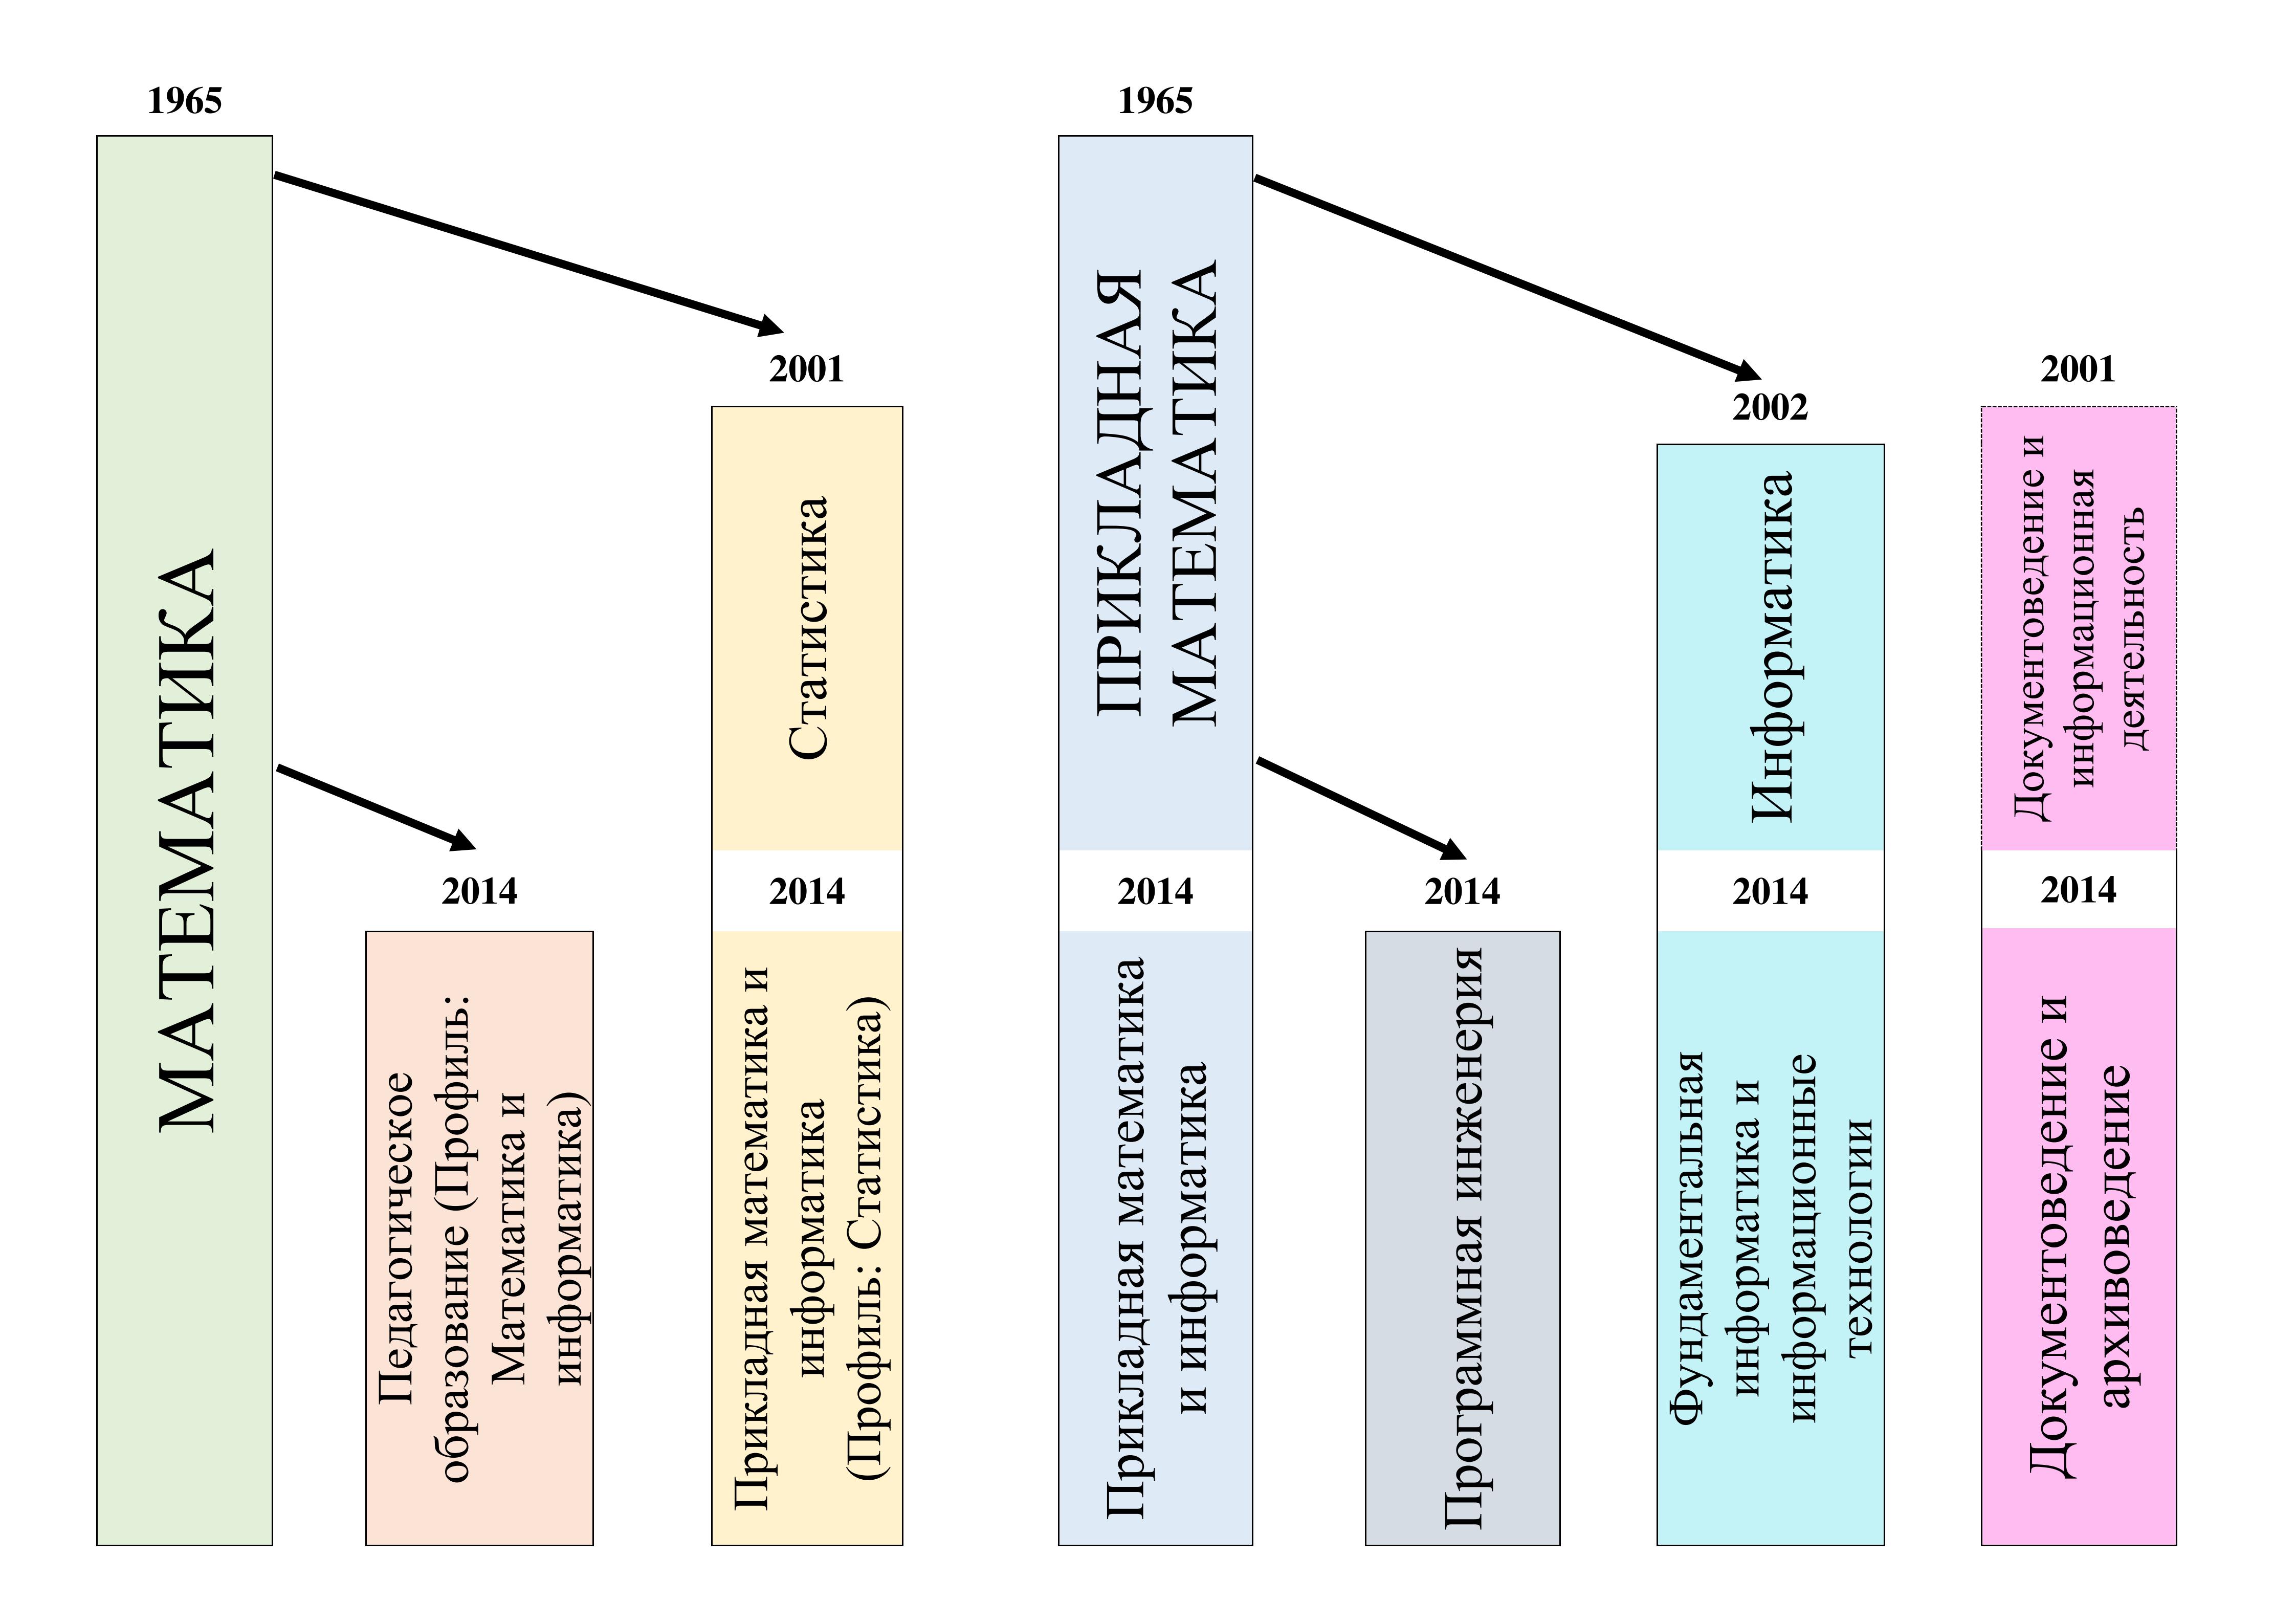 История направлений подготовки ФМИТ